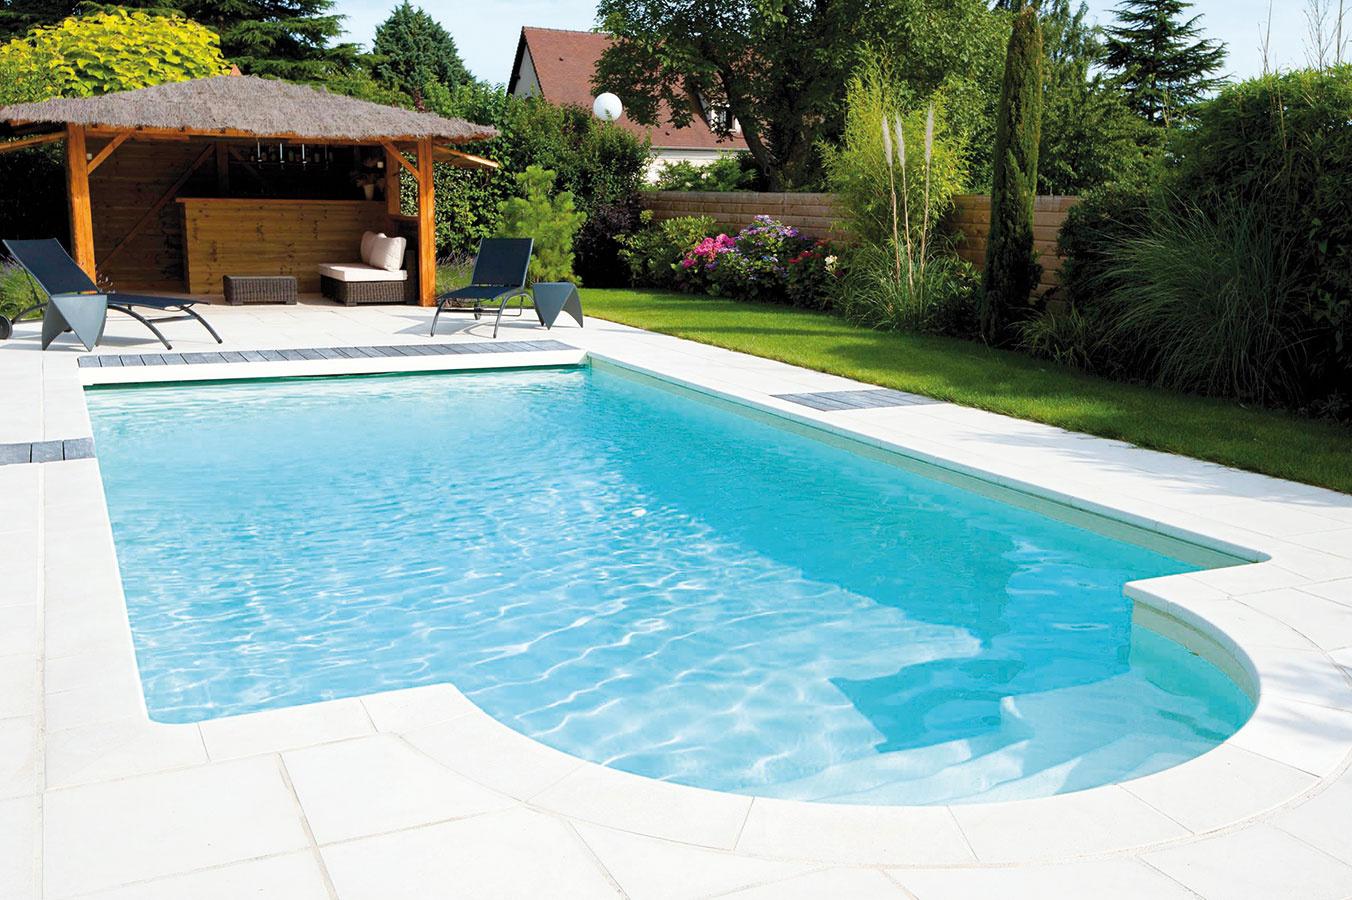 Okrem štandardných tvarov ponúka značka Desjoyaux vo svojom portfóliu aj možnosť individuálneho riešenia – bazén teda možno tvarovo úplne prispôsobiť vašim potrebám.